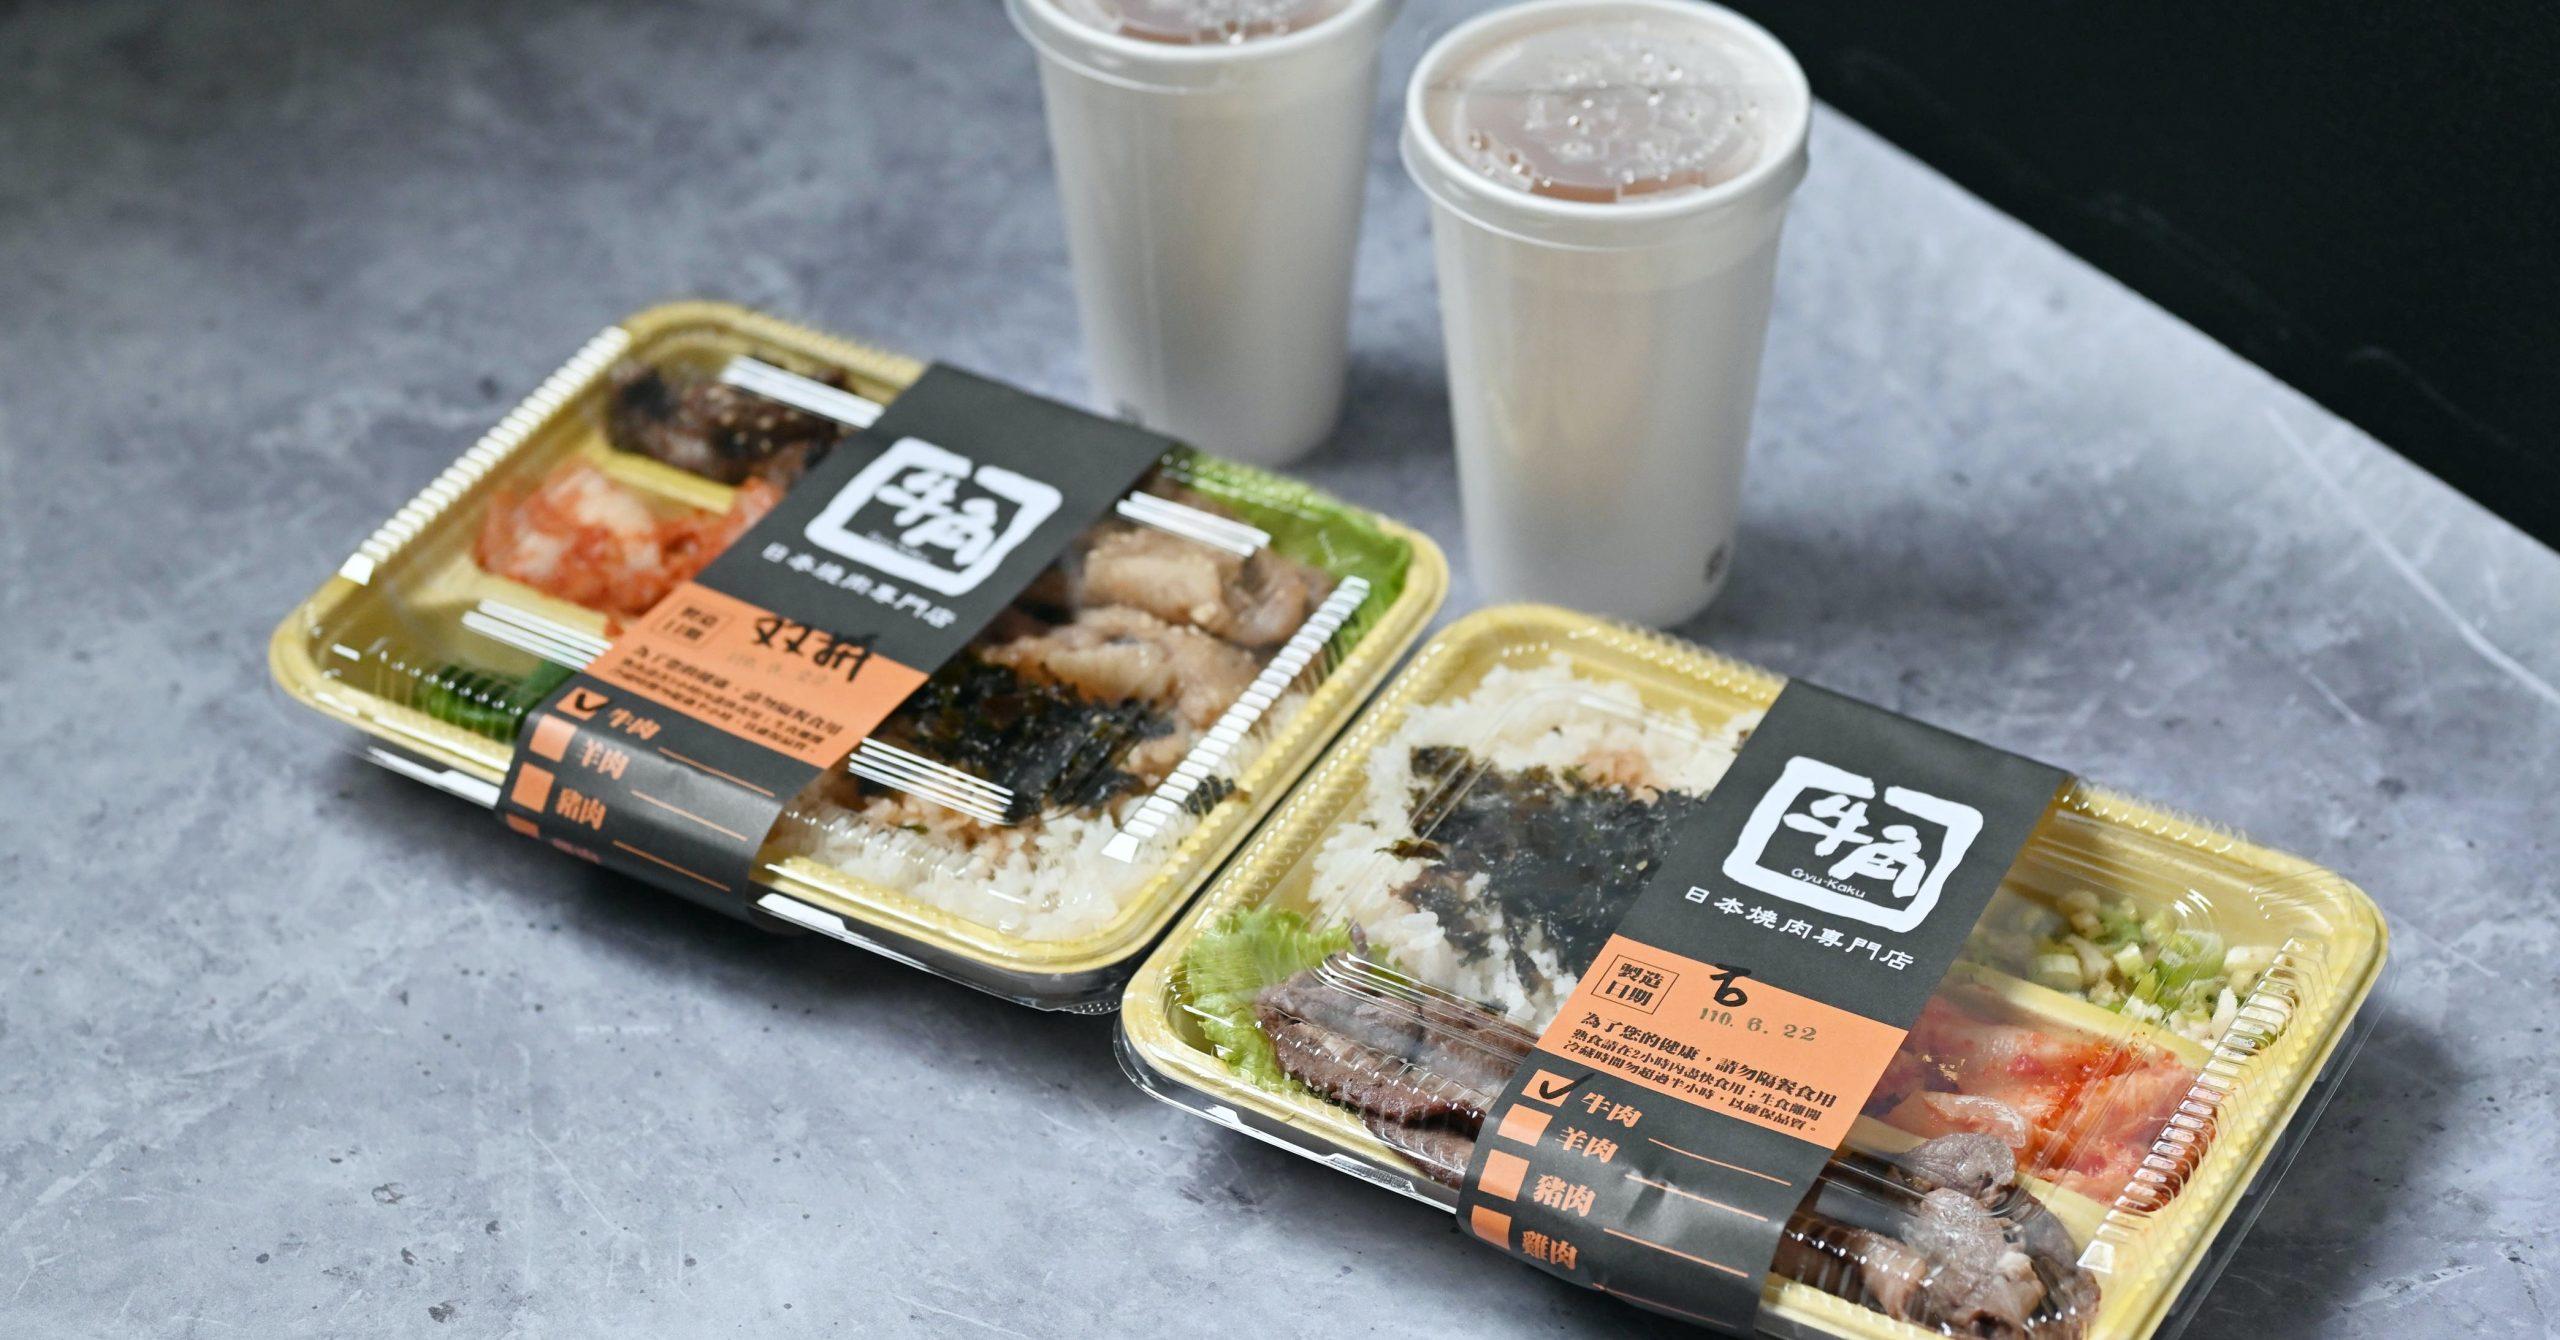 今日熱門文章:【天母美食】牛角高島屋店,牛角外帶便當6折 (菜單)